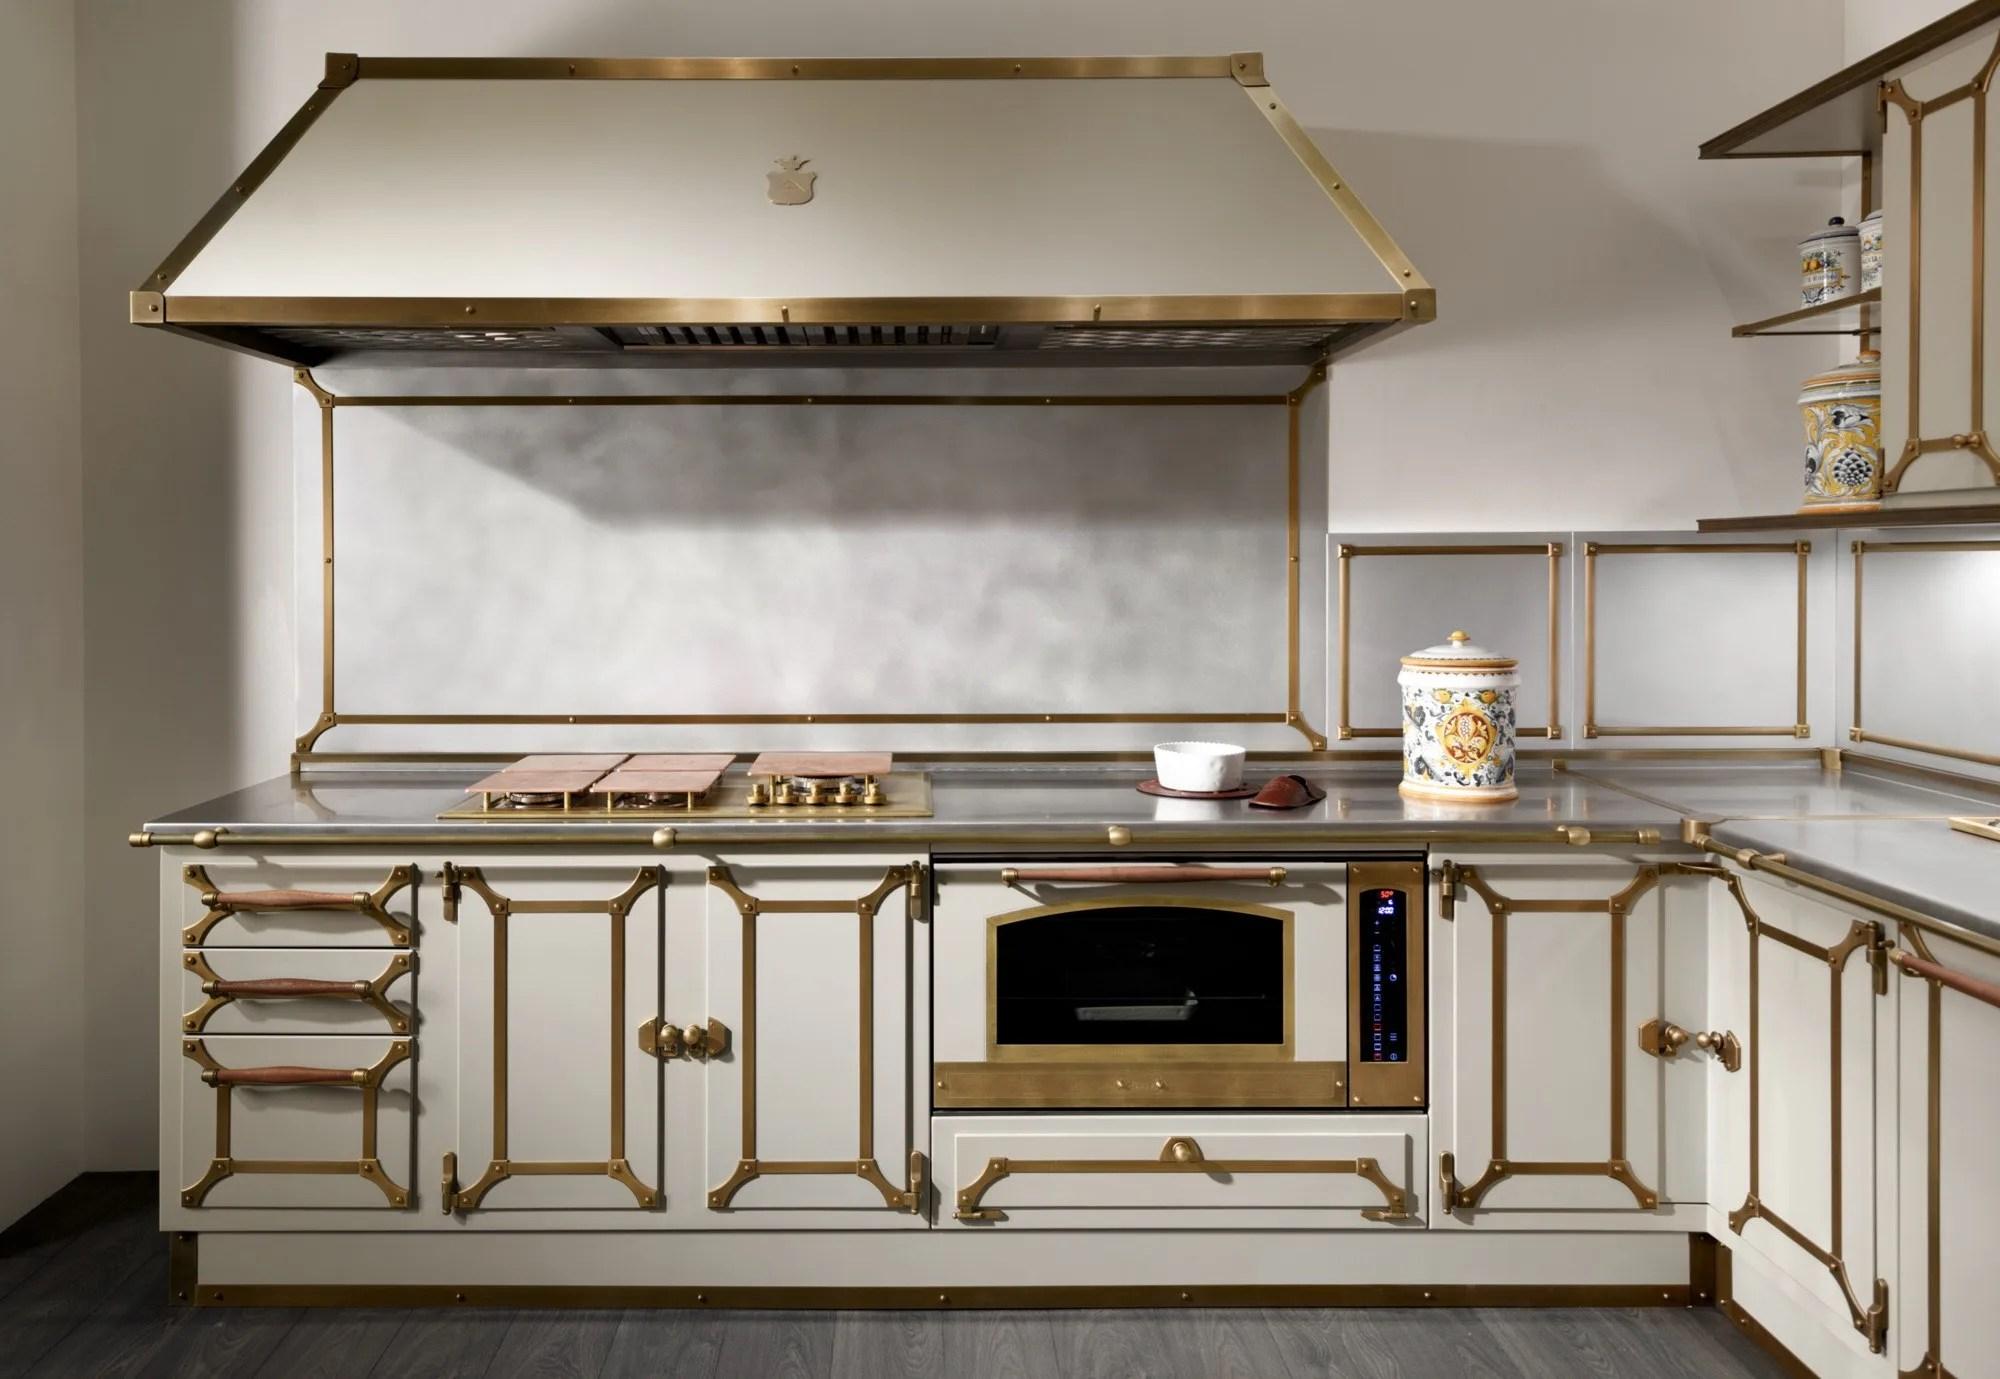 Cucina con maniglie DOMESTIC by Officine Gullo